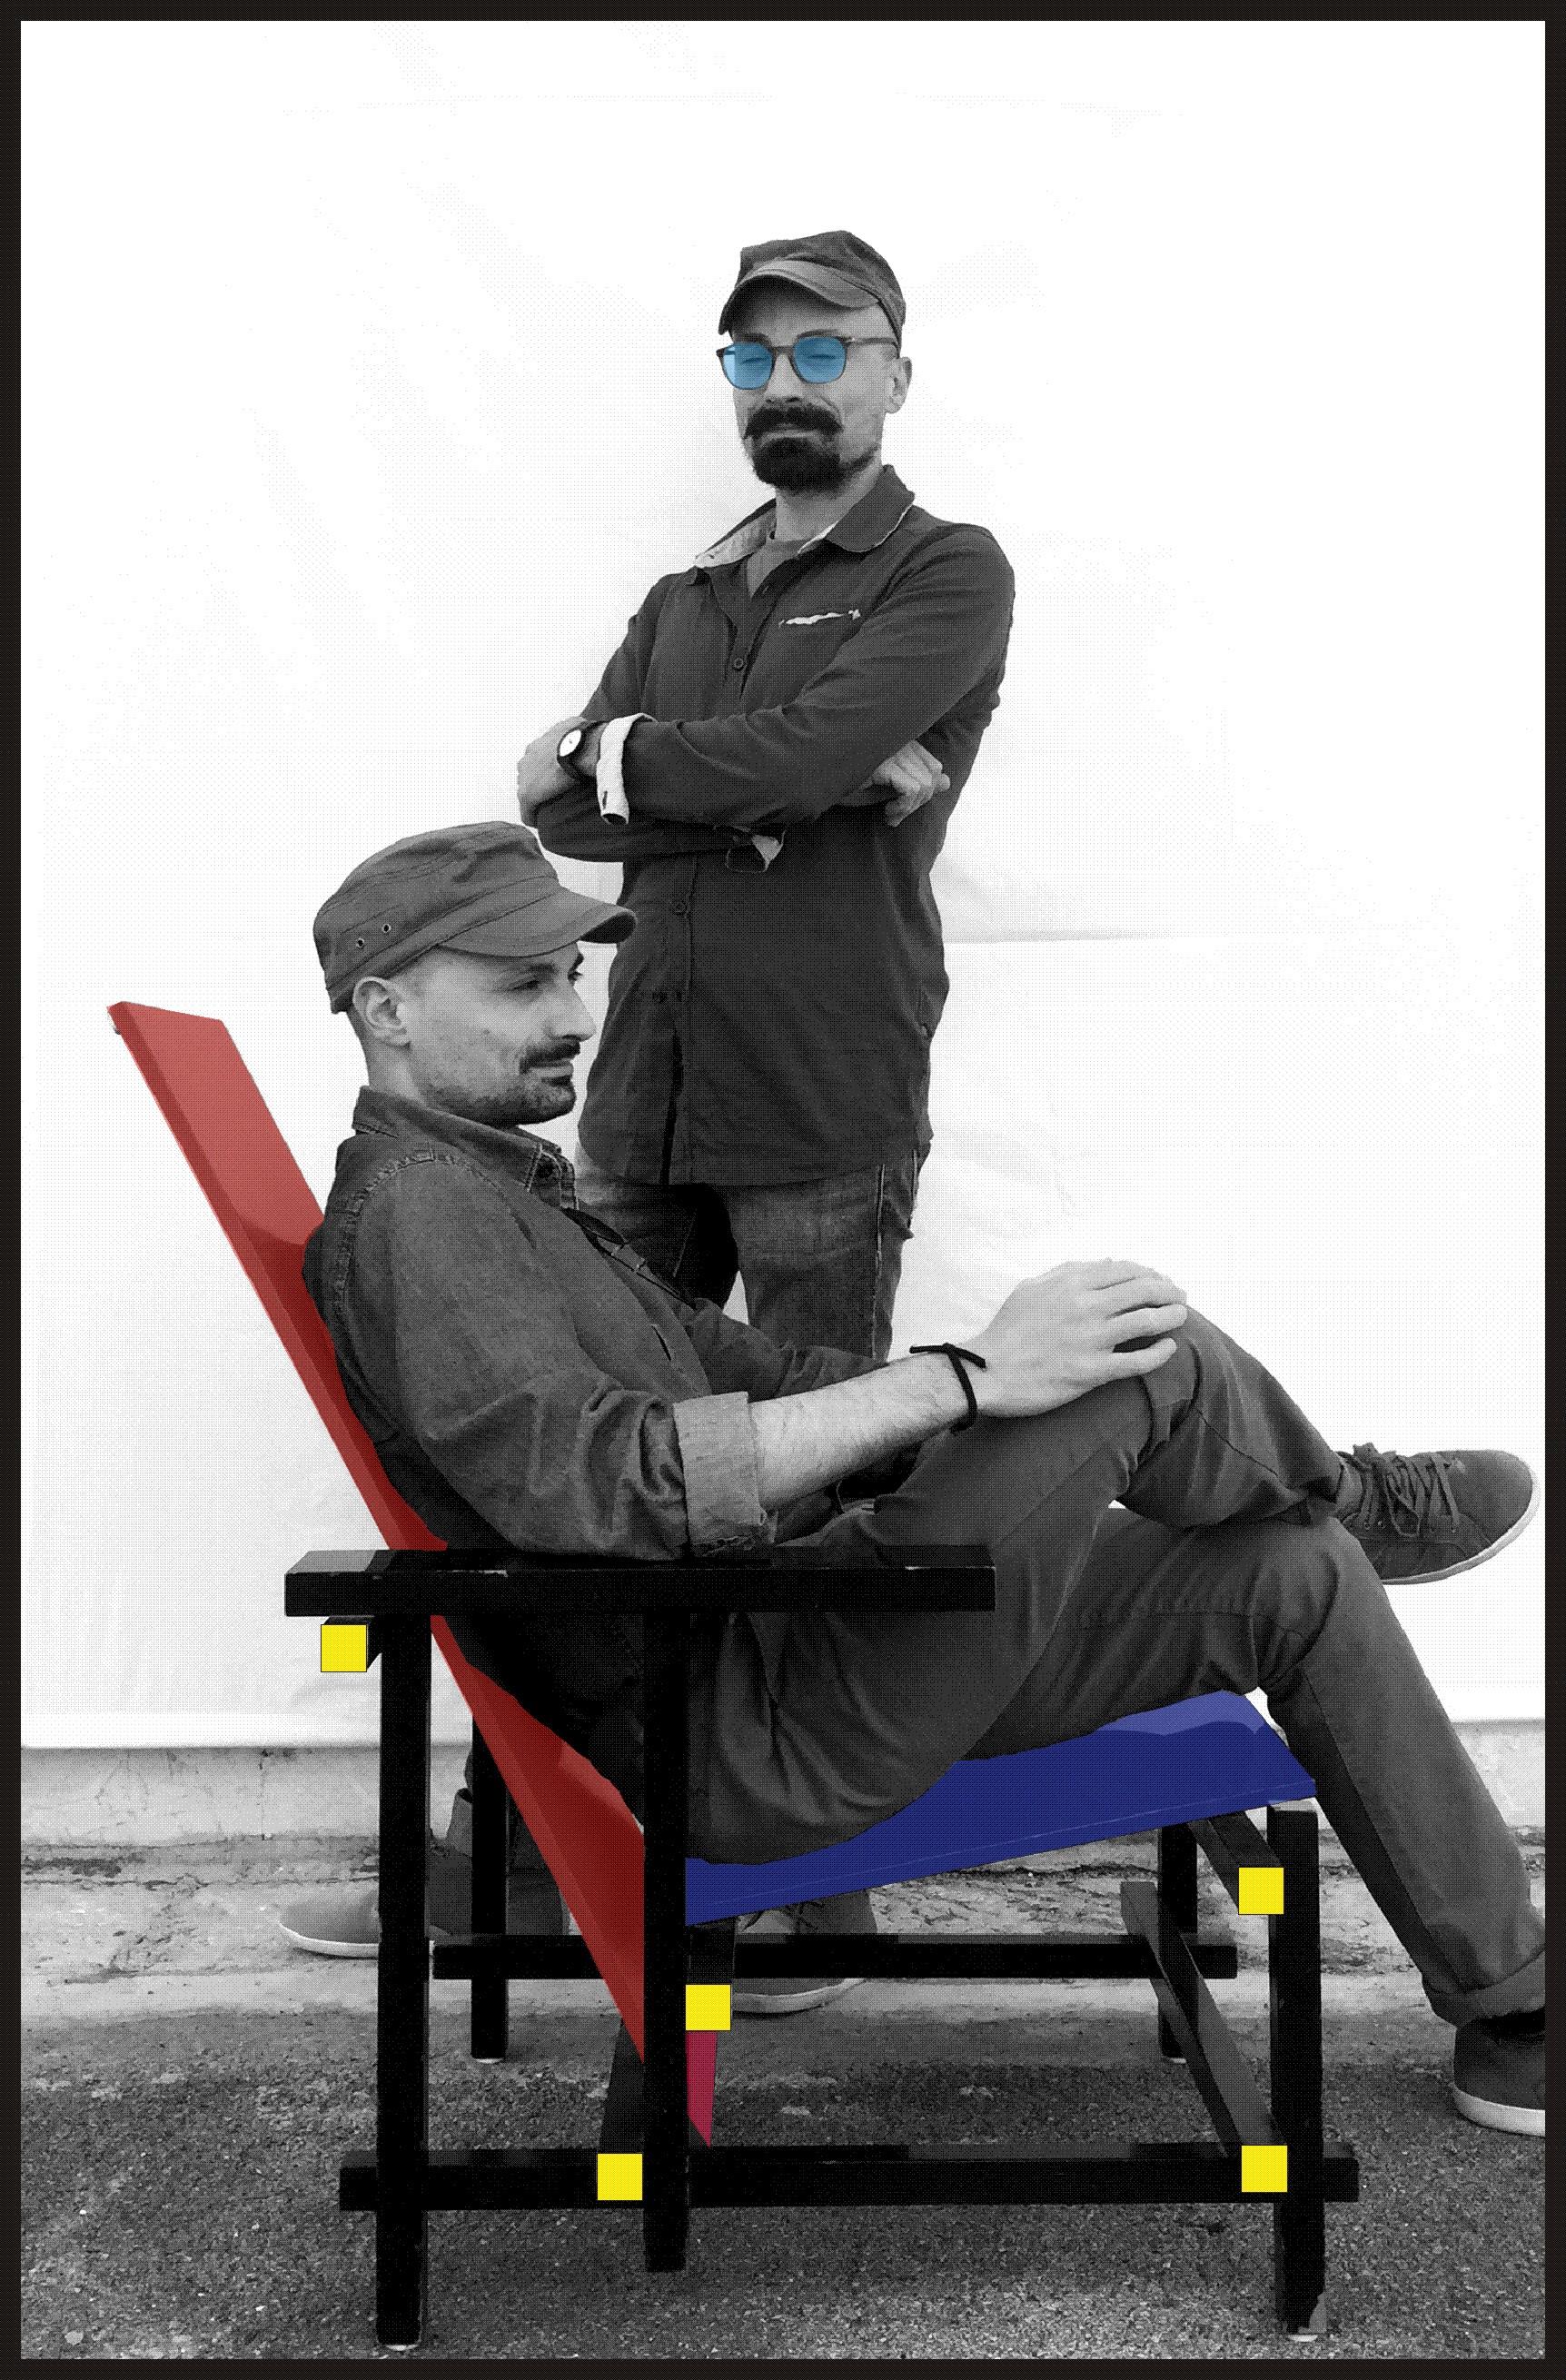 La fotografia ritrae i 2 architetti dello studio DeArchis 722